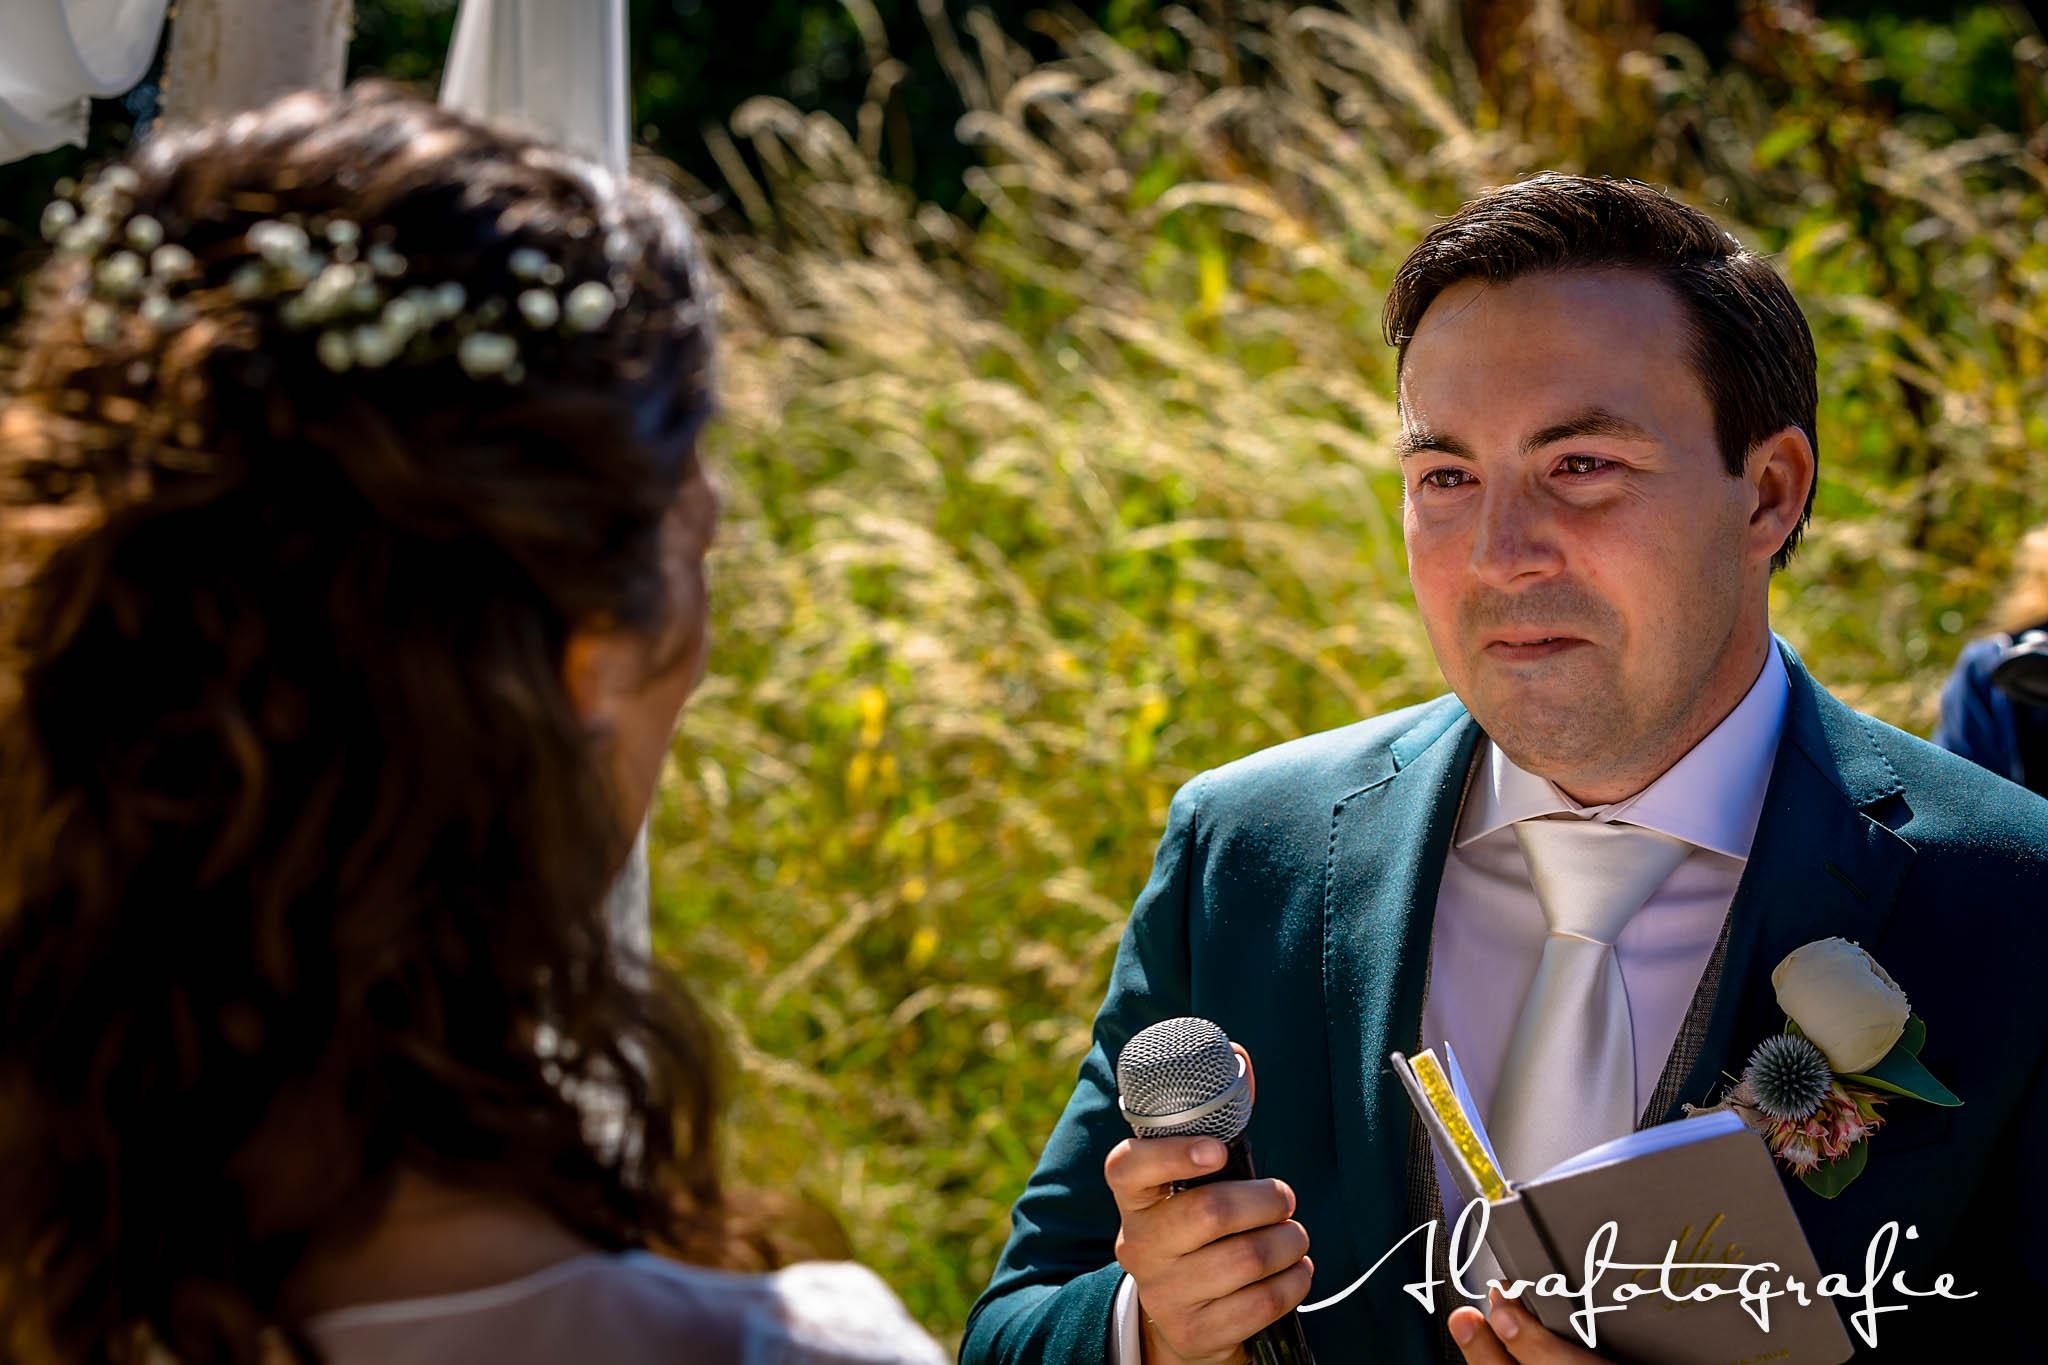 Bruiloft Maren en Tim Alvafotografie bruidegom zegt trouwgeloften